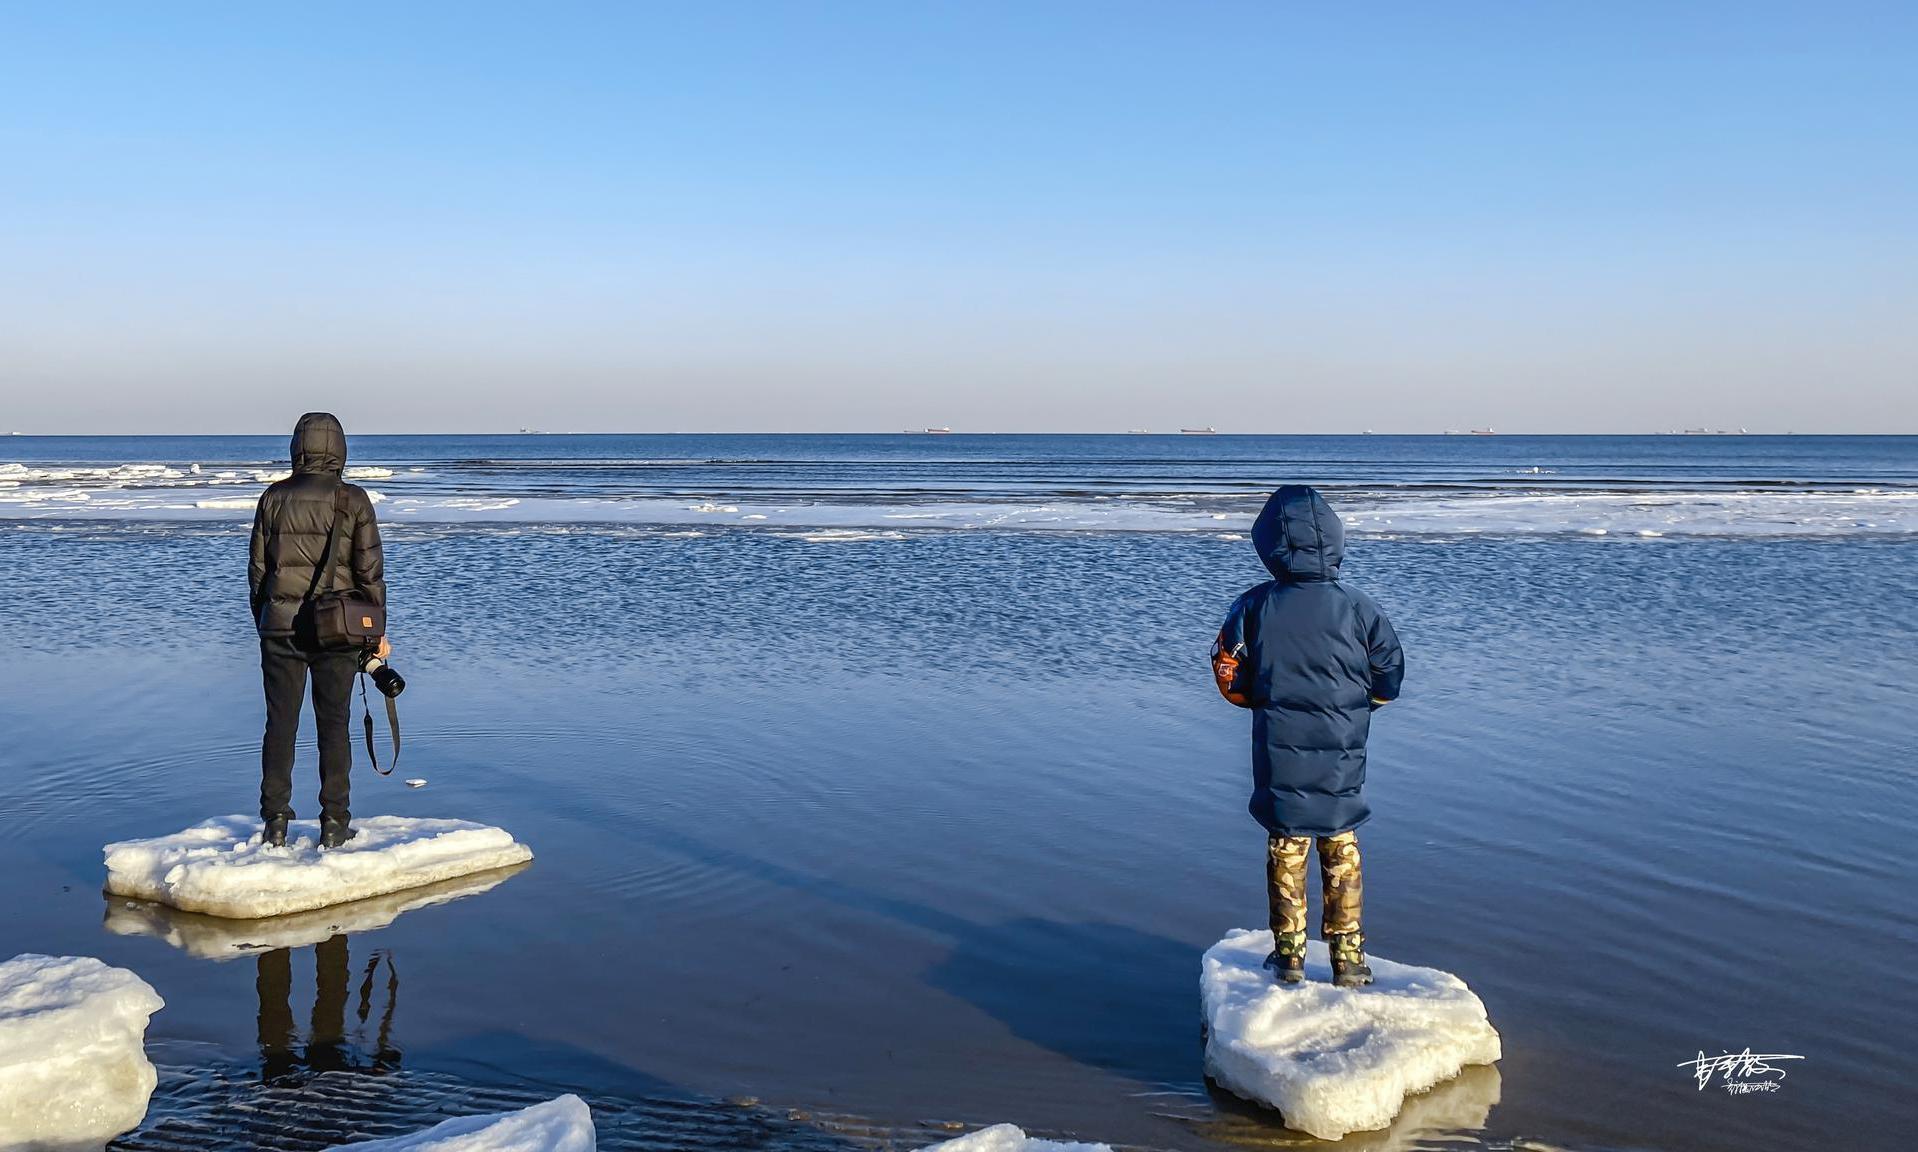 一半海水一半冰面,北方独有的冻海奇观像极了童话世界